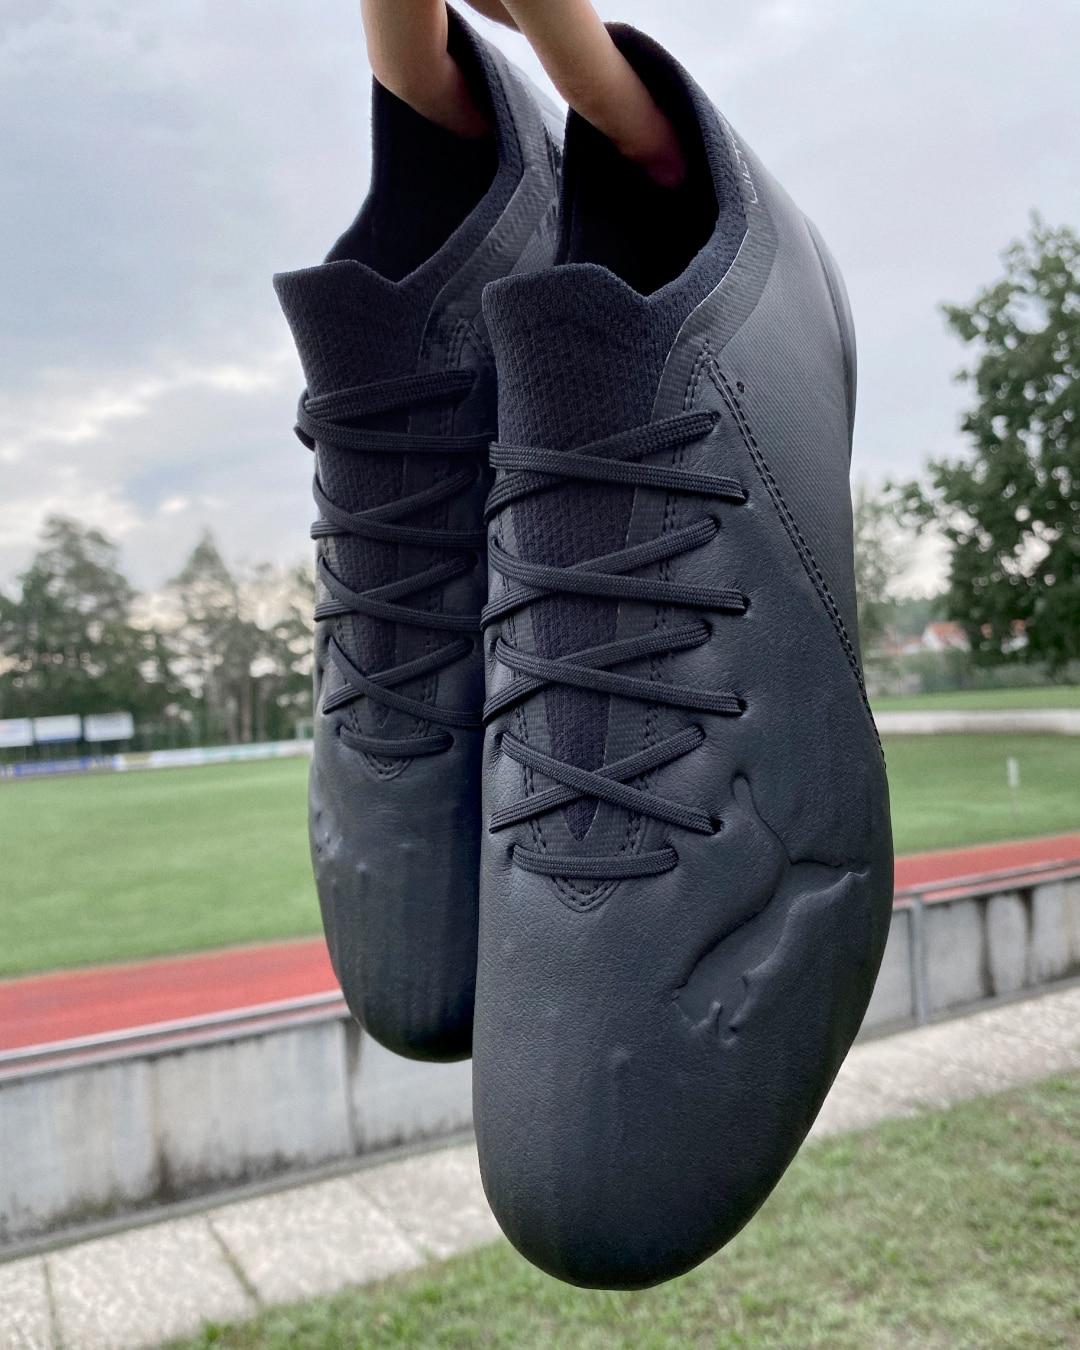 puma-ultra-leather-cuir-4